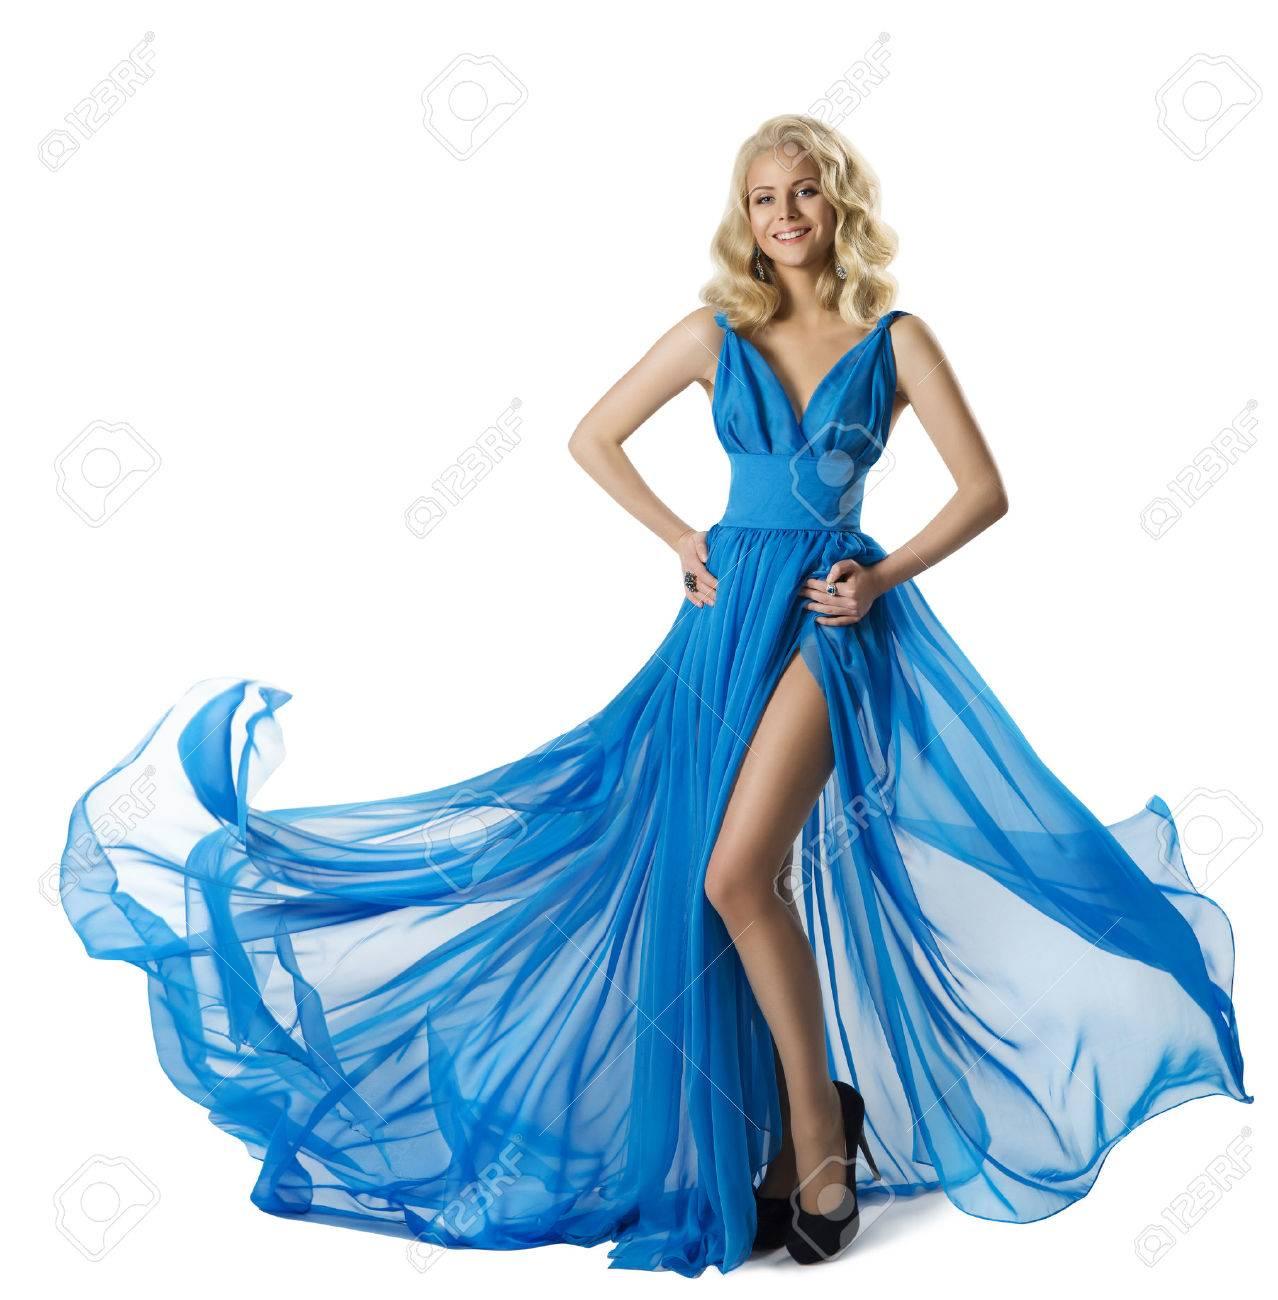 Frau Mode Blaues Kleid Elegantes Madchen Fliegen Winken Kleid Isoliert Lange Kleidung Uber Weiss Lizenzfreie Fotos Bilder Und Stock Fotografie Image 68904292